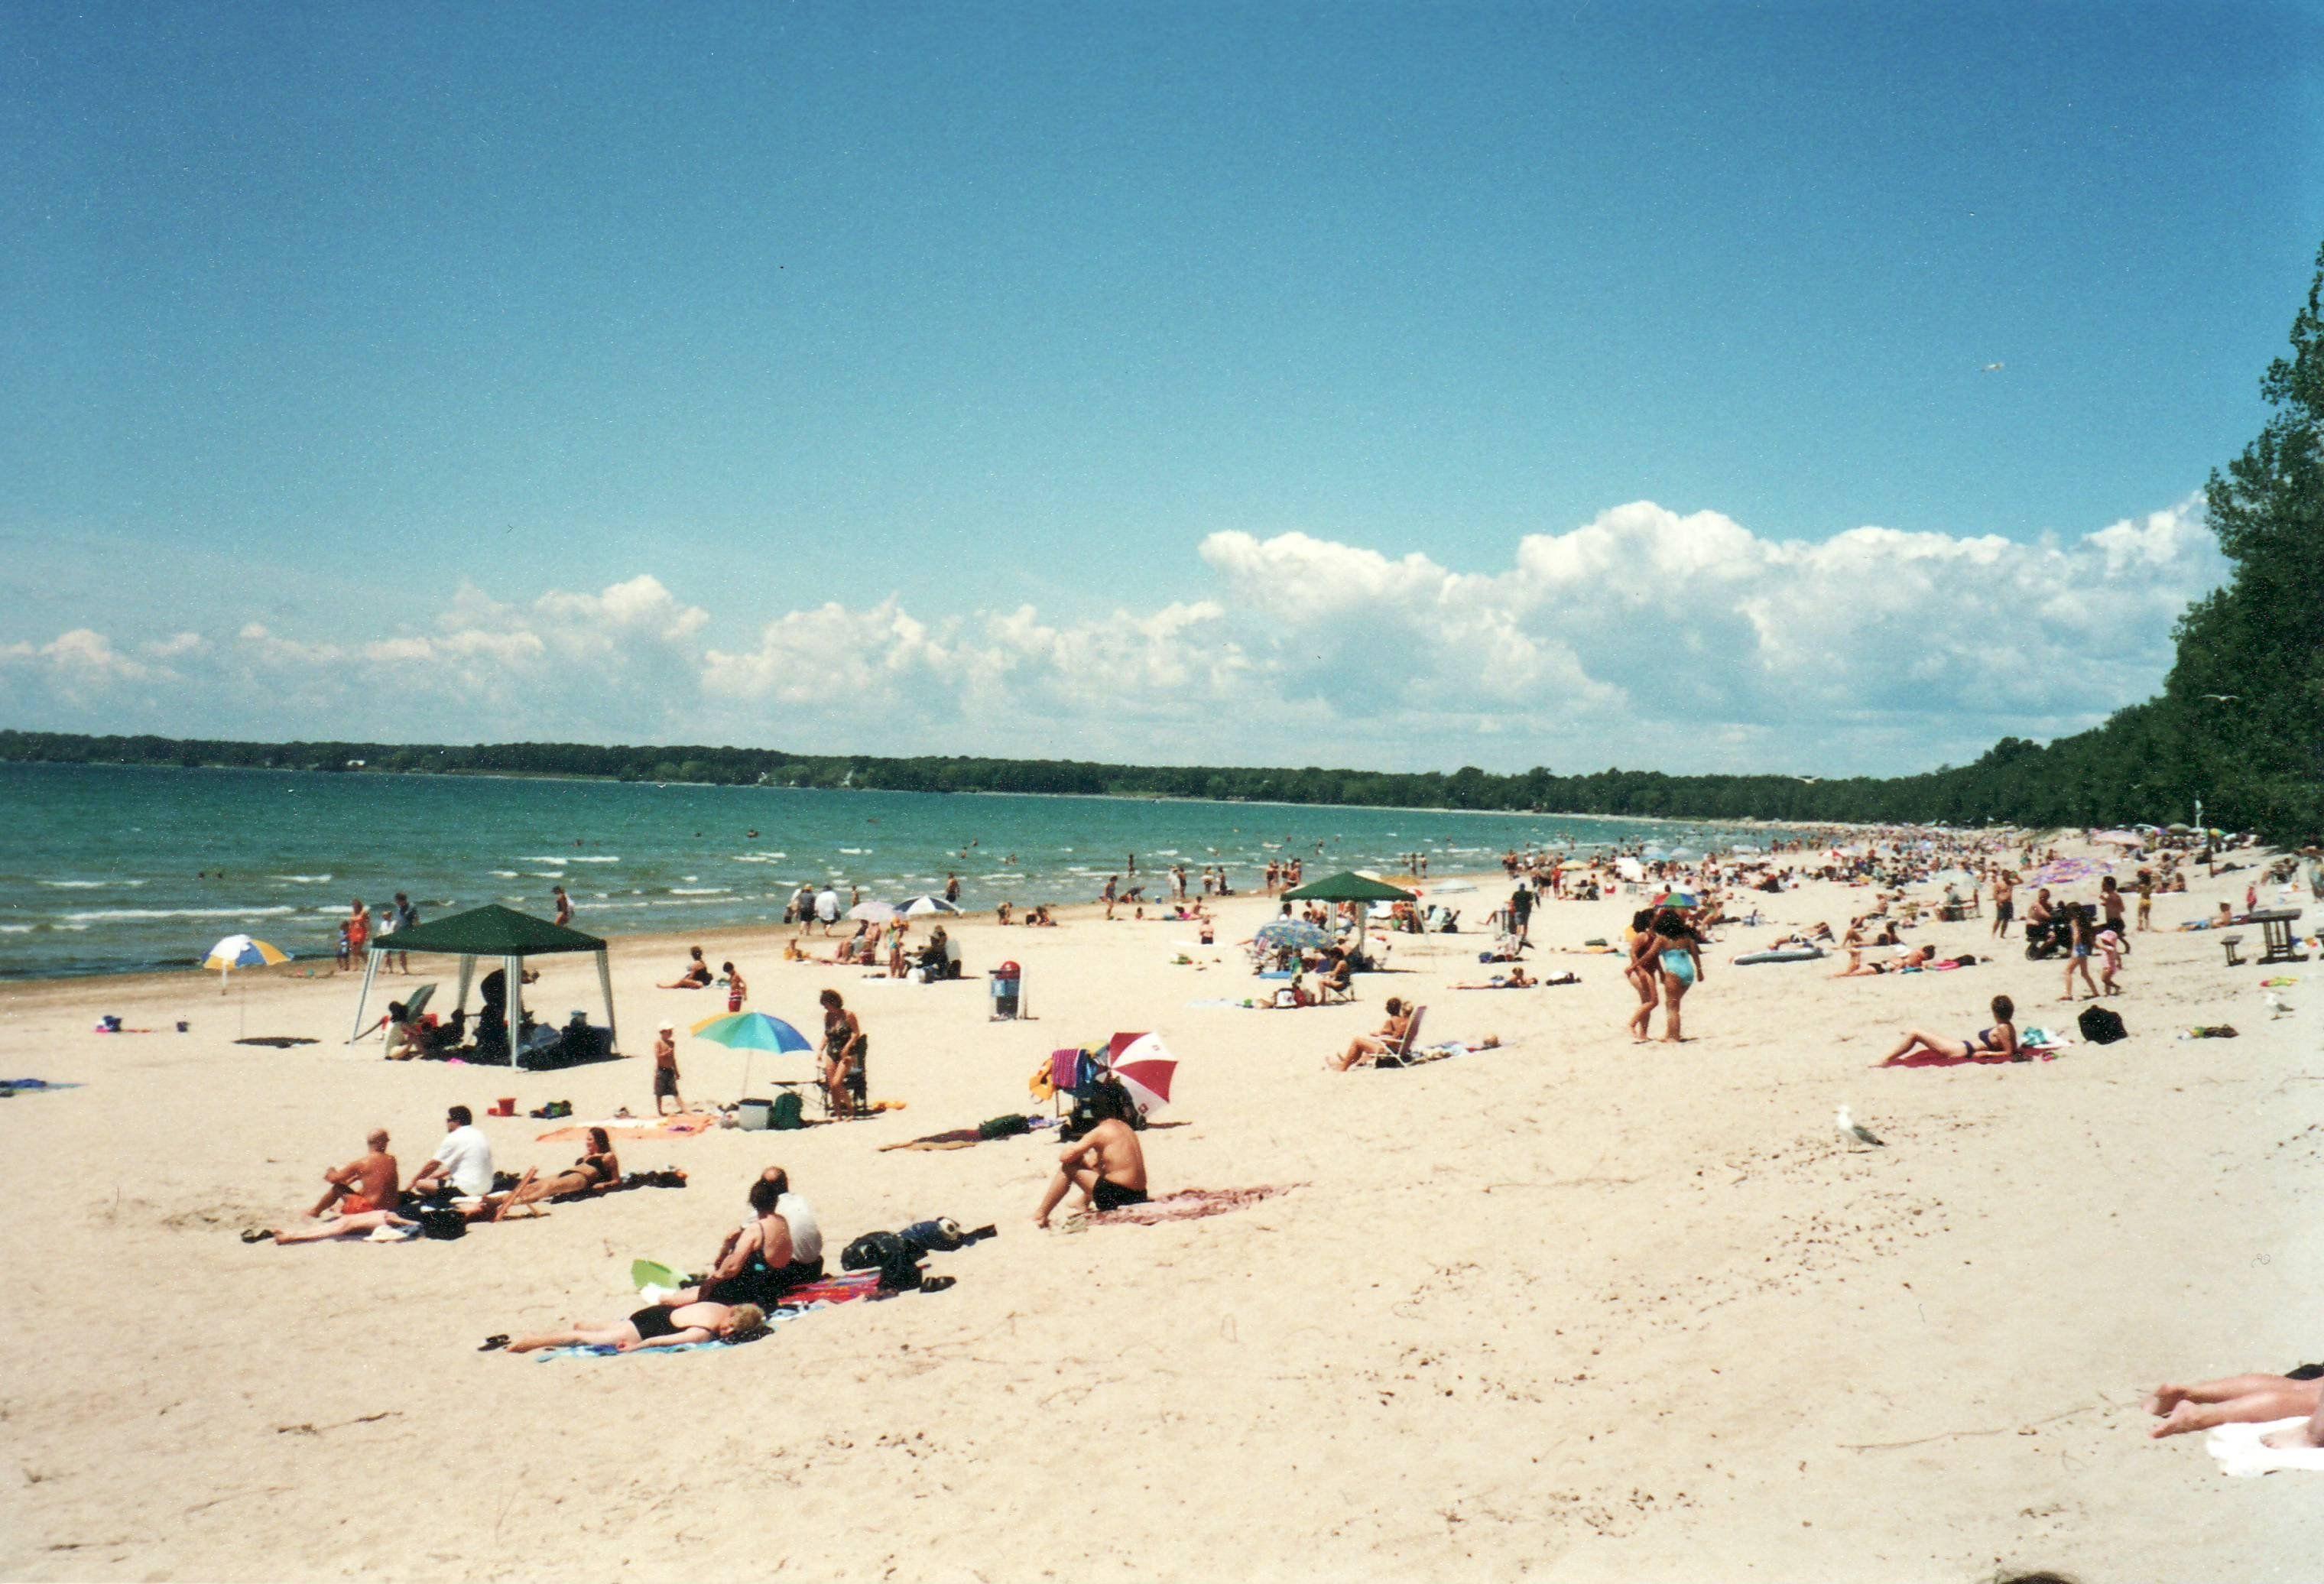 Picton Sandbanks Provincial Park Ontario The Beach Along Lake Ontario Fantastic